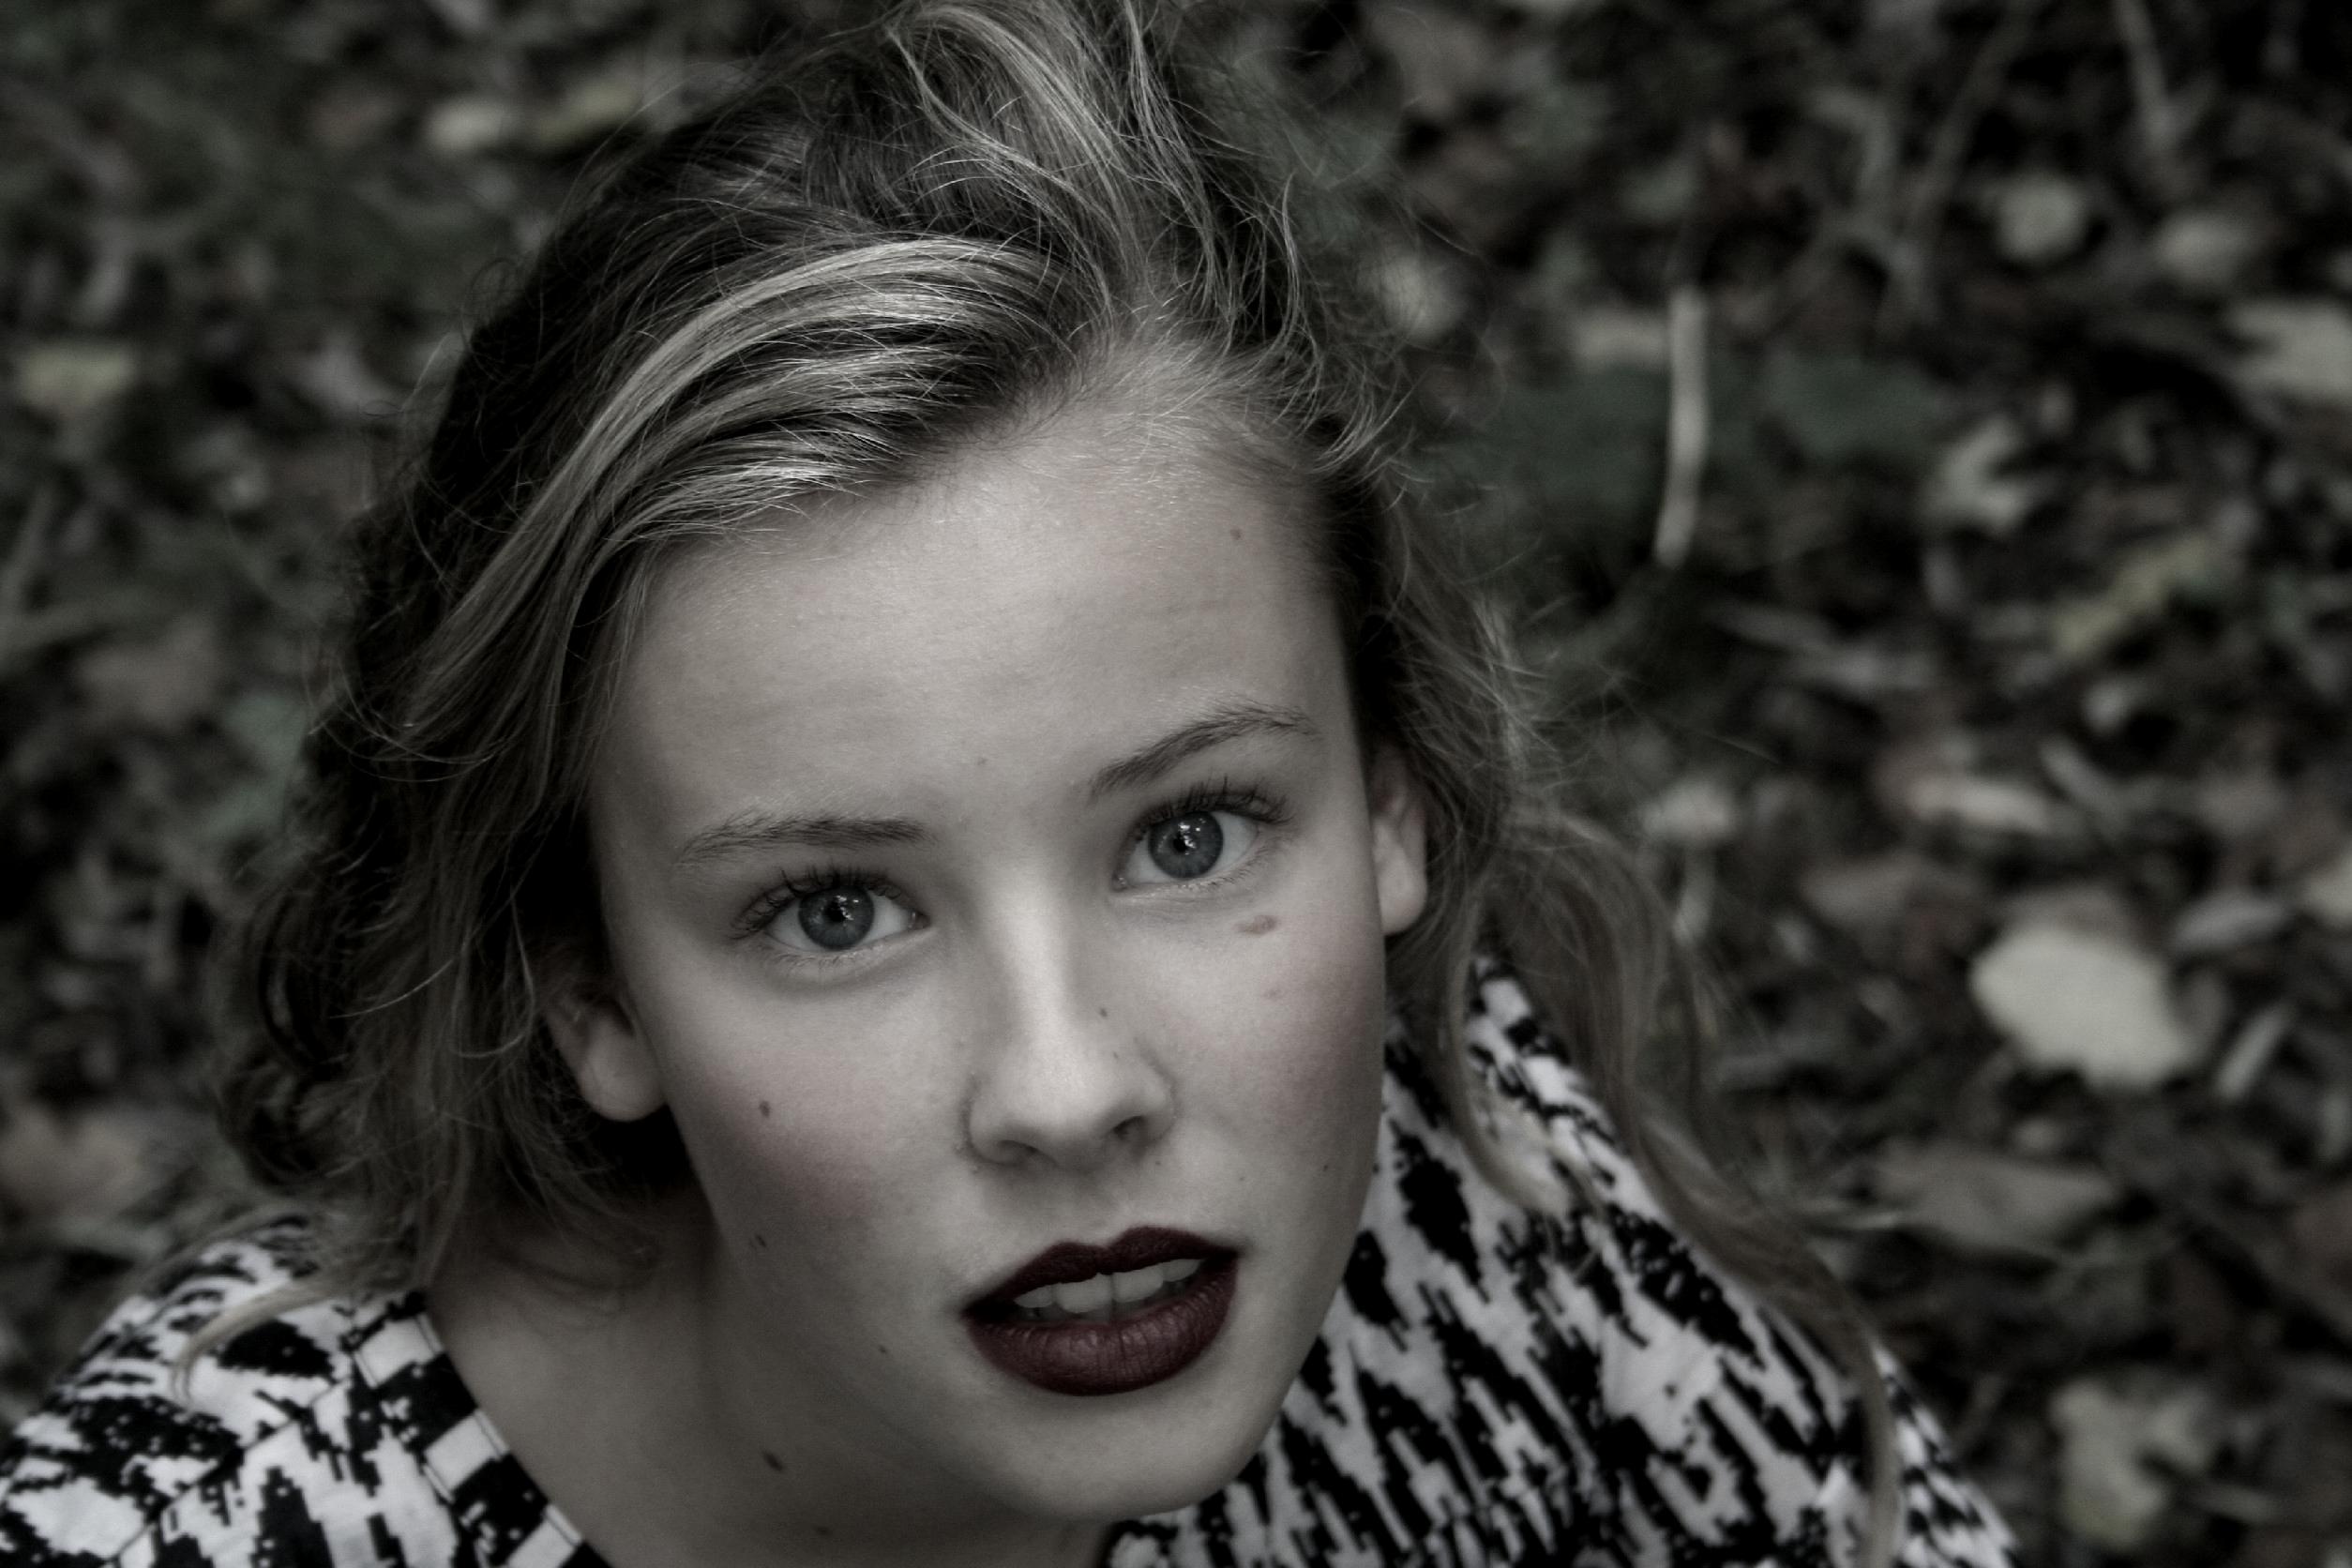 taken by Eva Bons